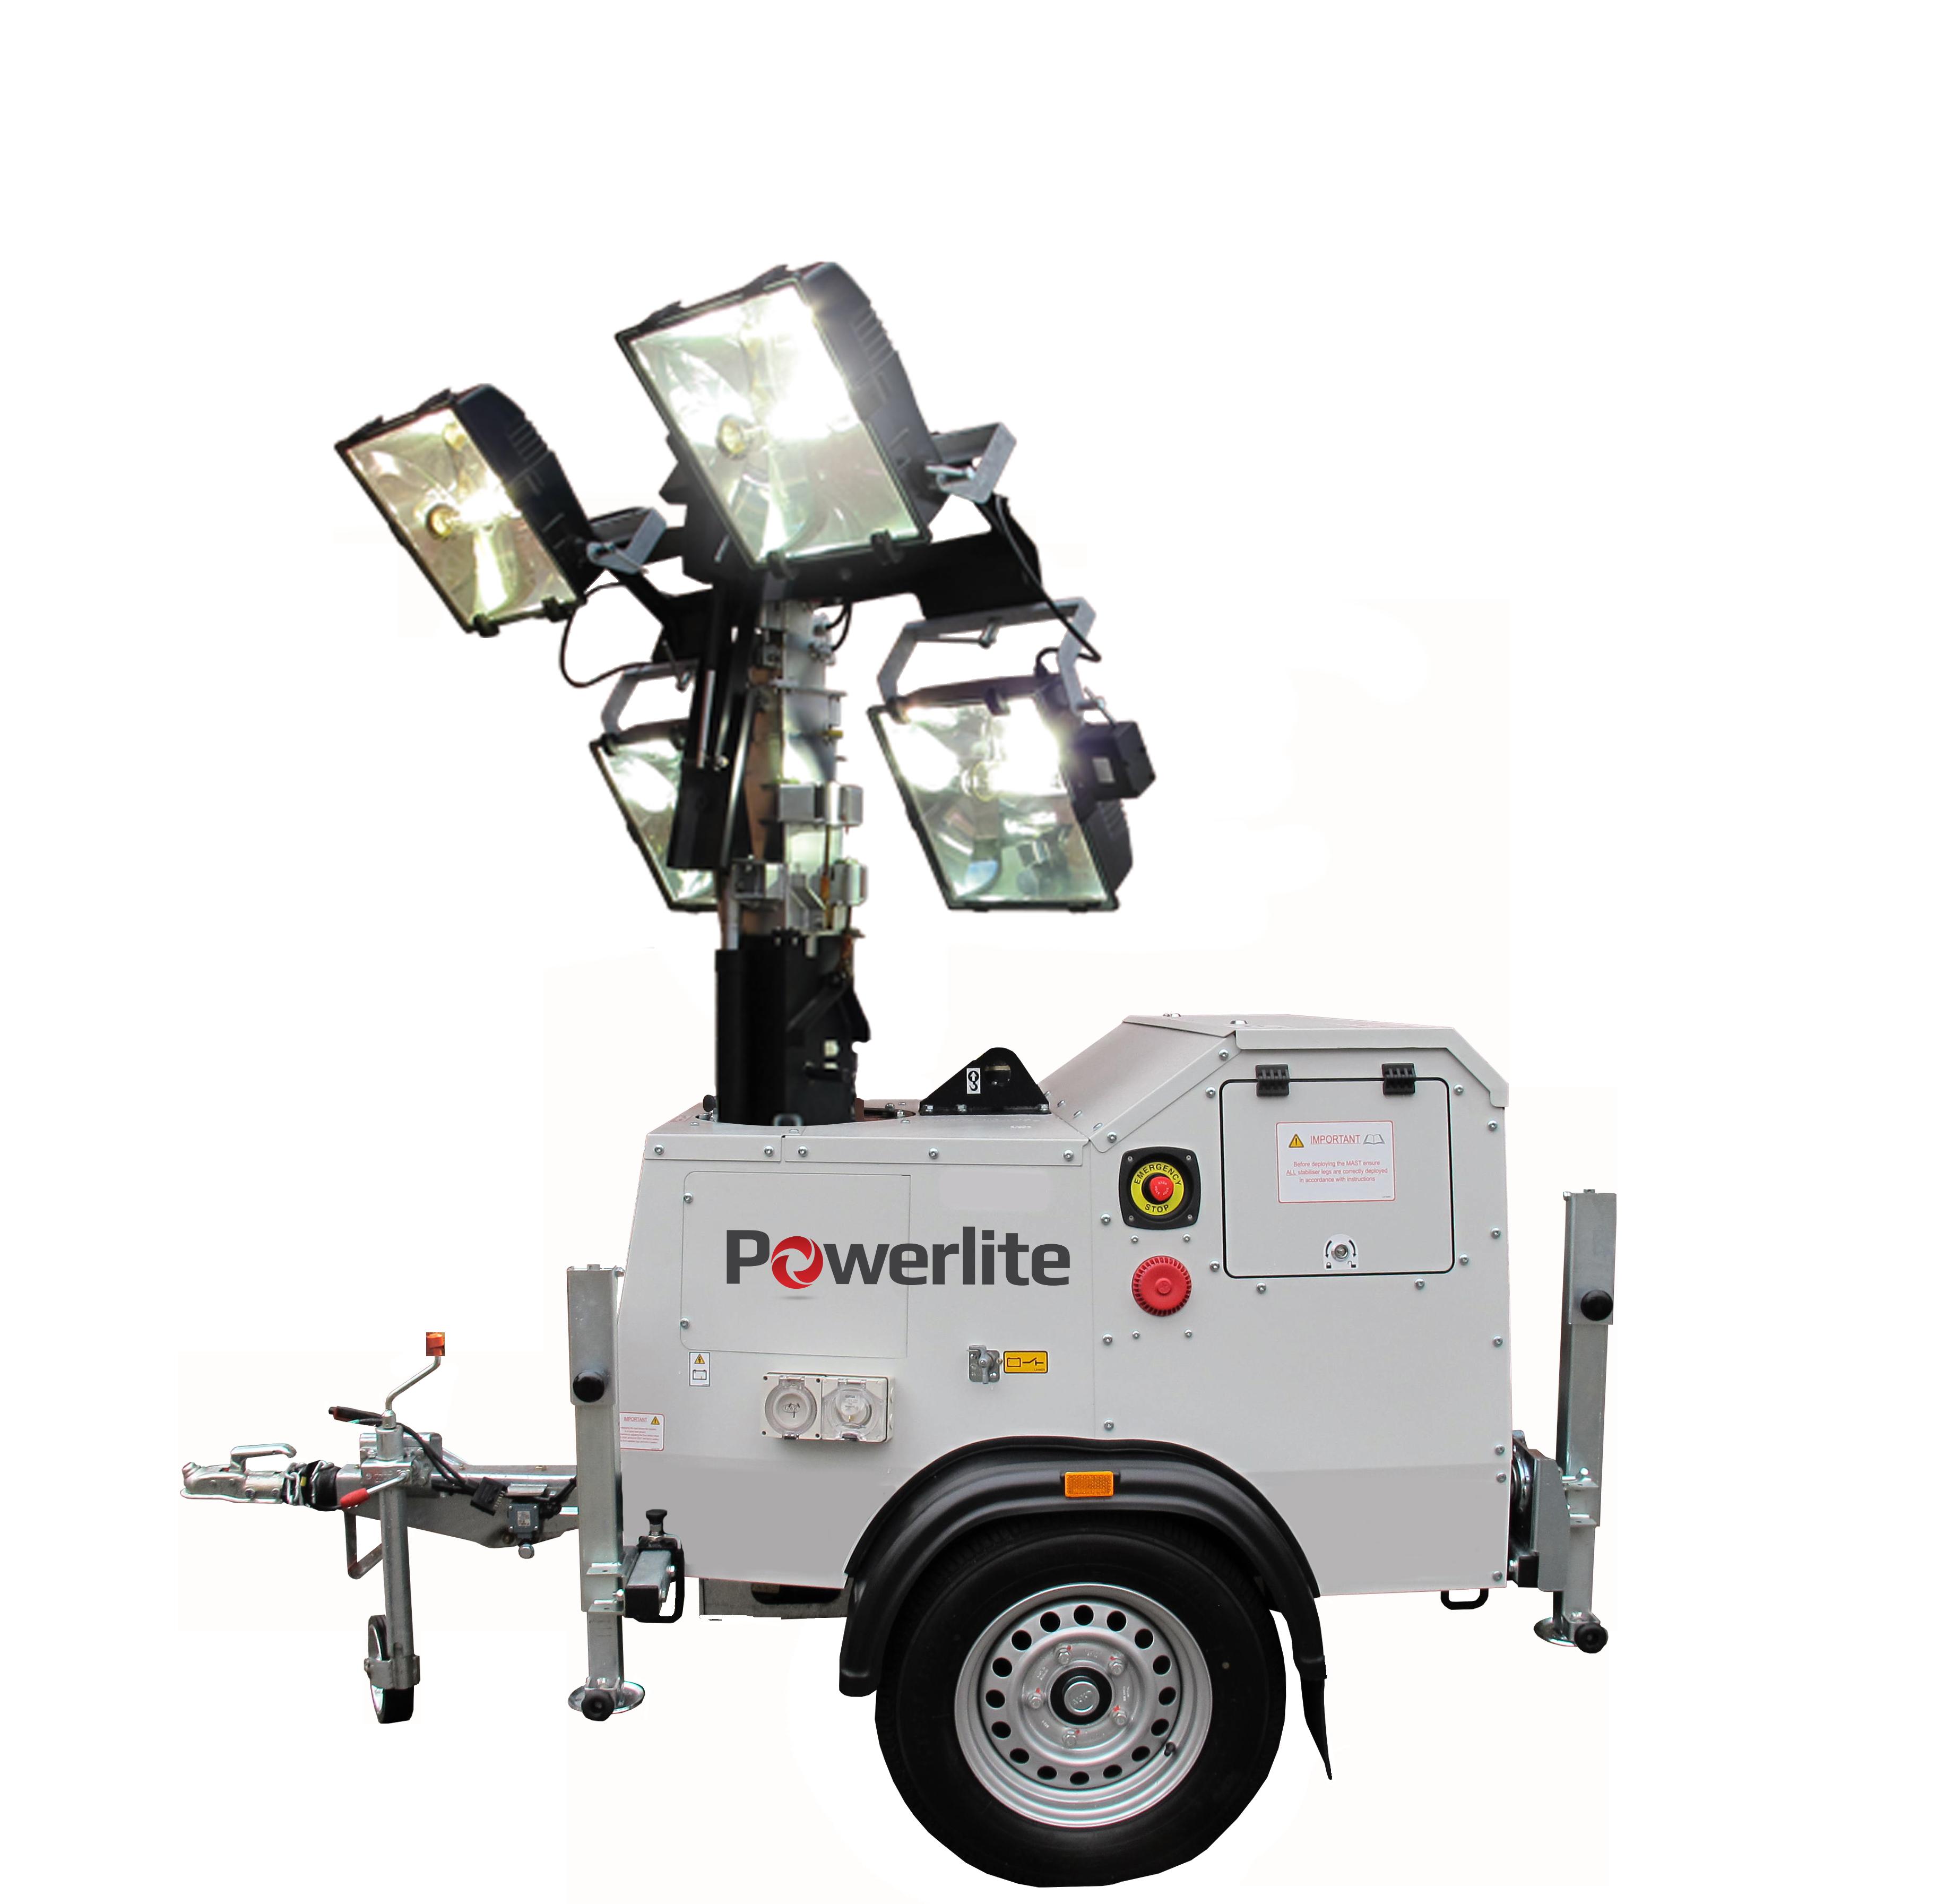 Metal Halide Lighting Tower Powerlite Power Generators